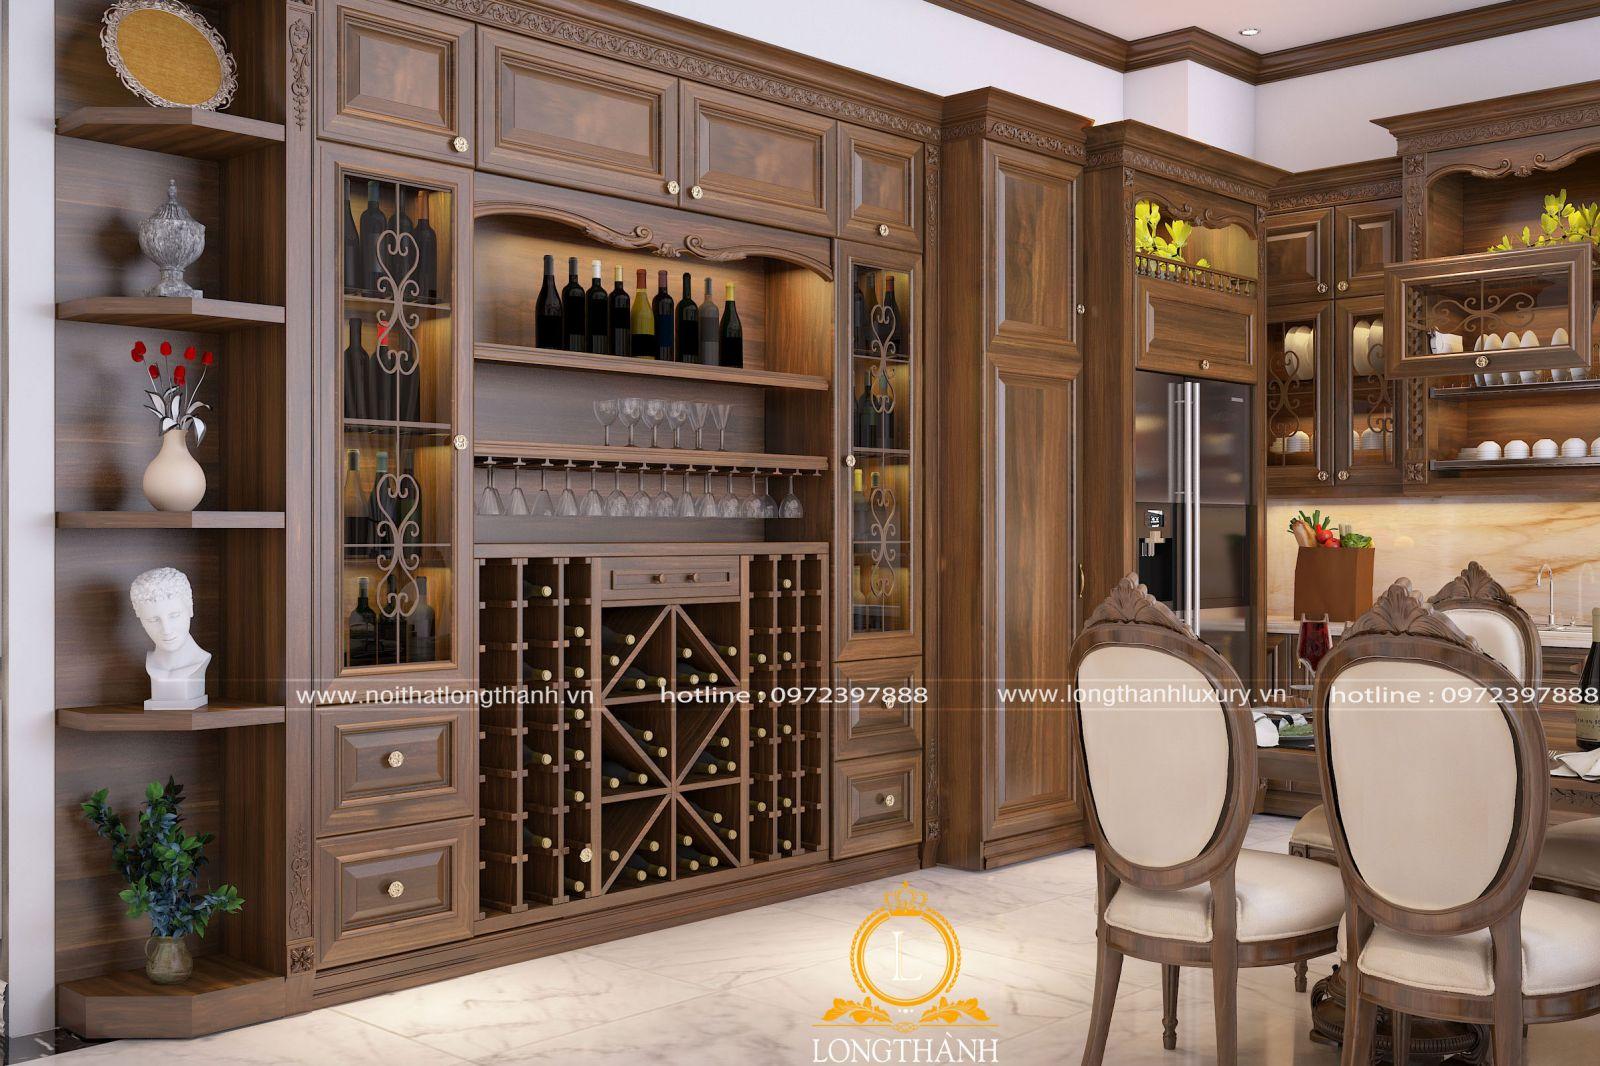 Tủ rượu gỗ vẫn luôn là sự lựa chọn của nhiều gia đình